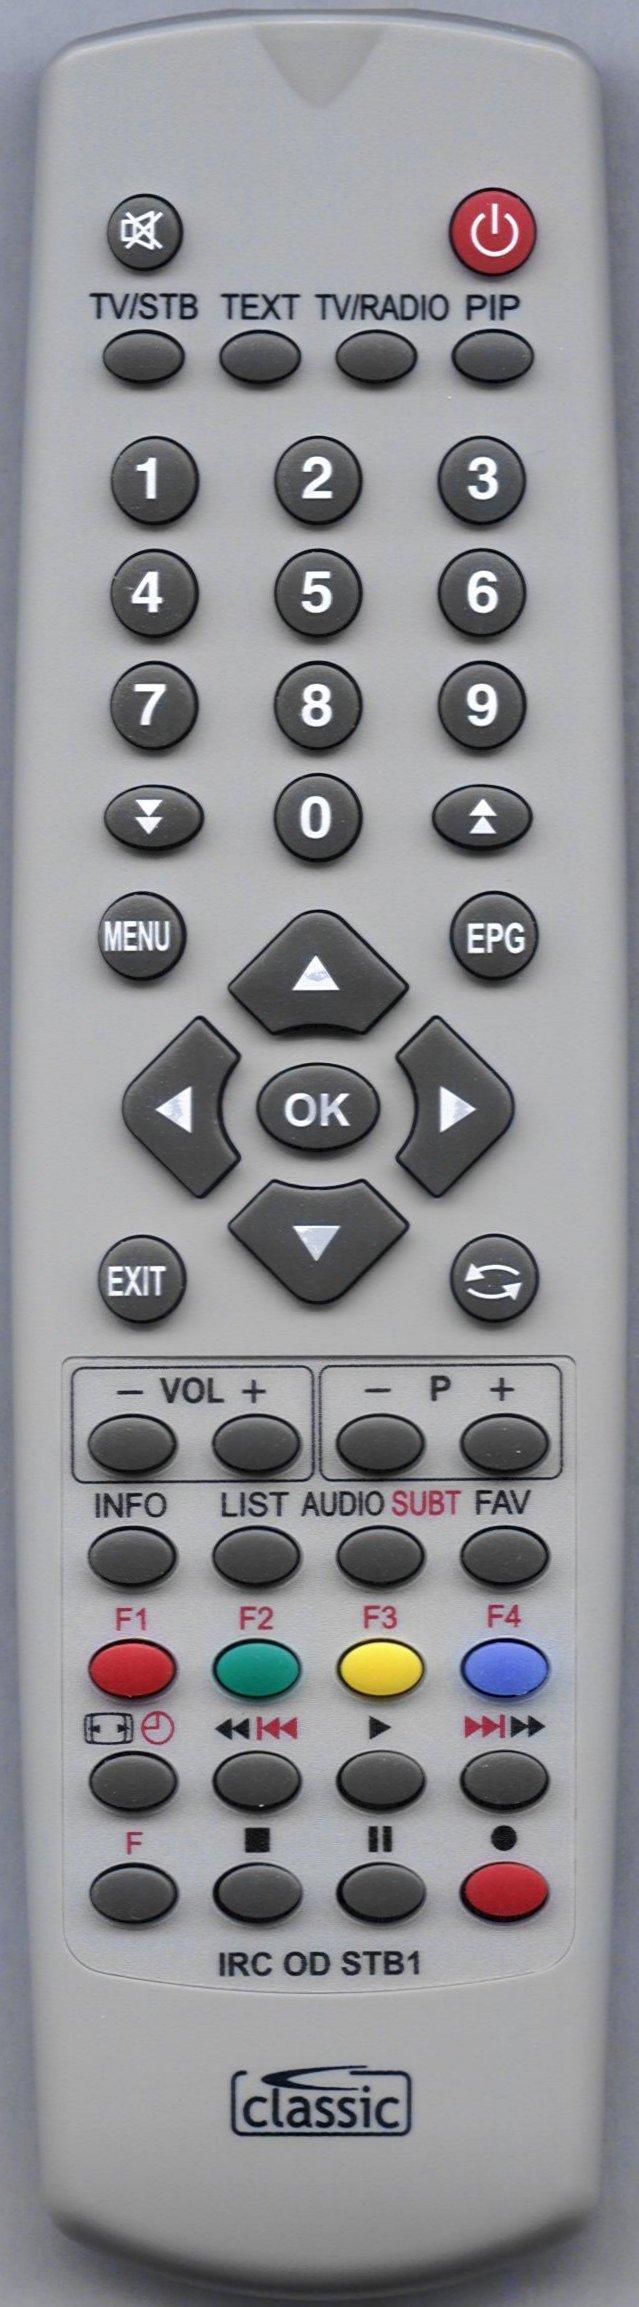 Topfield TP-304 S Remote Control